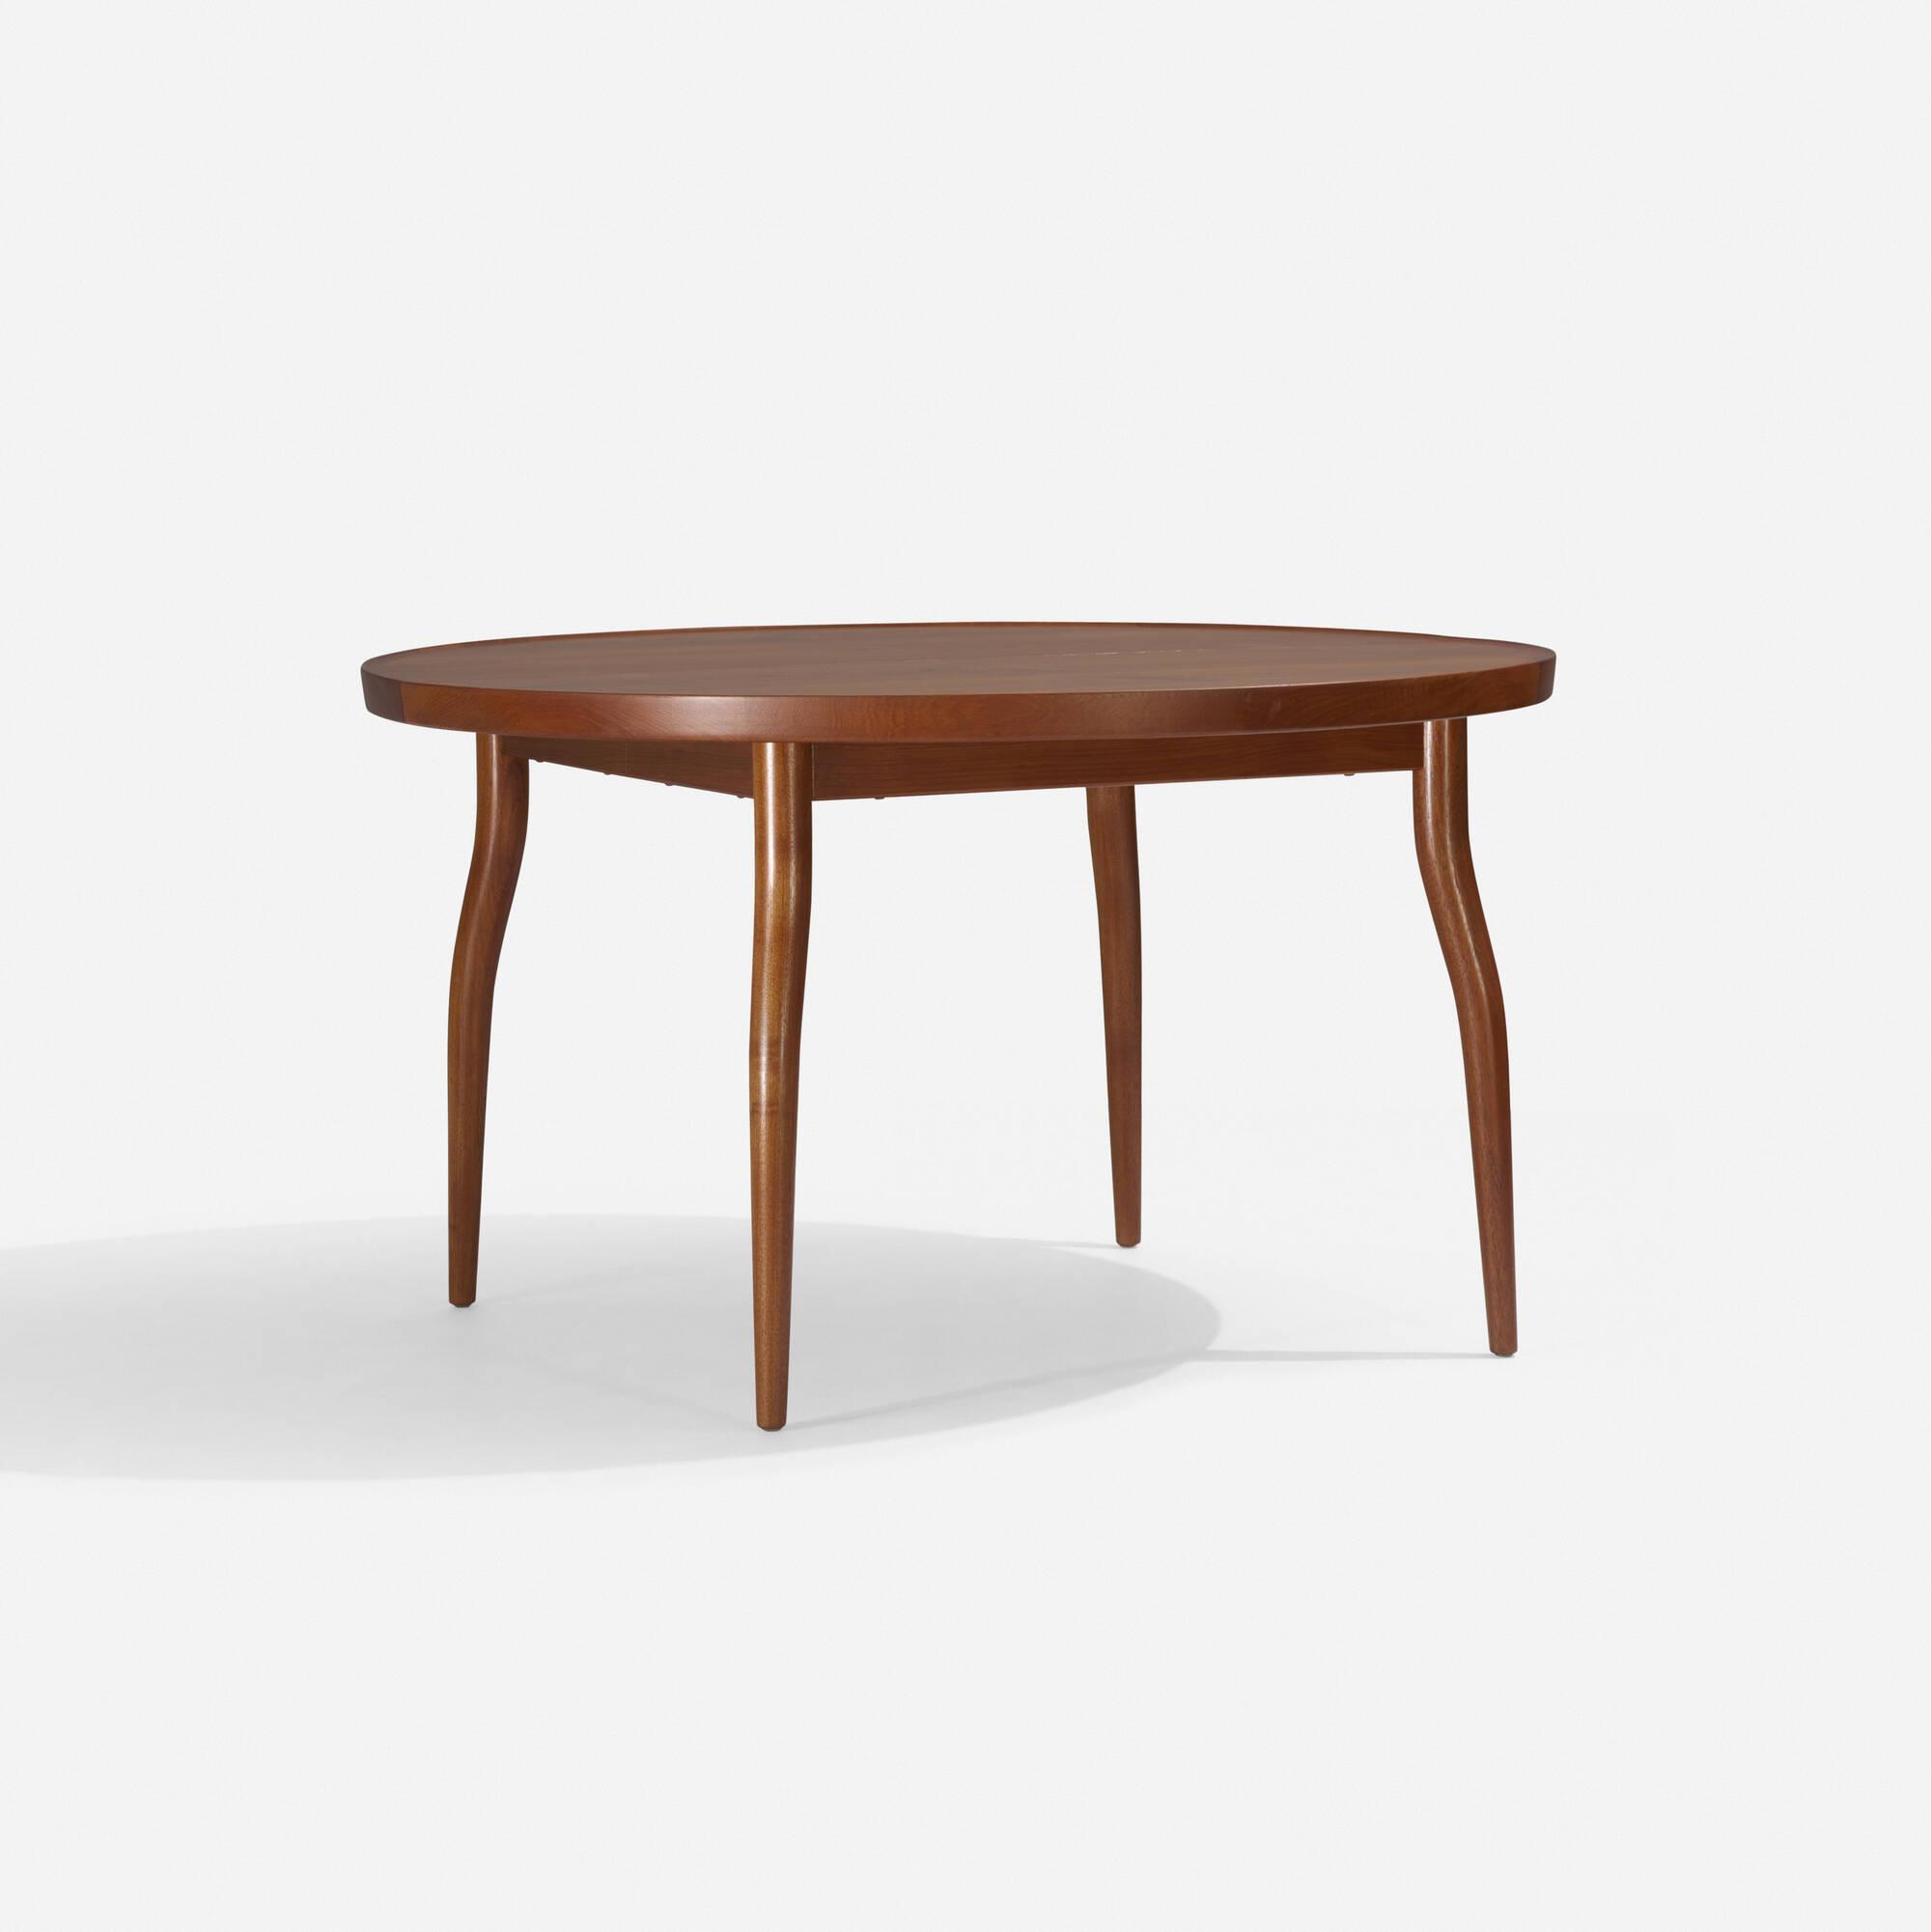 105: Finn Juhl / dining table (1 of 3)